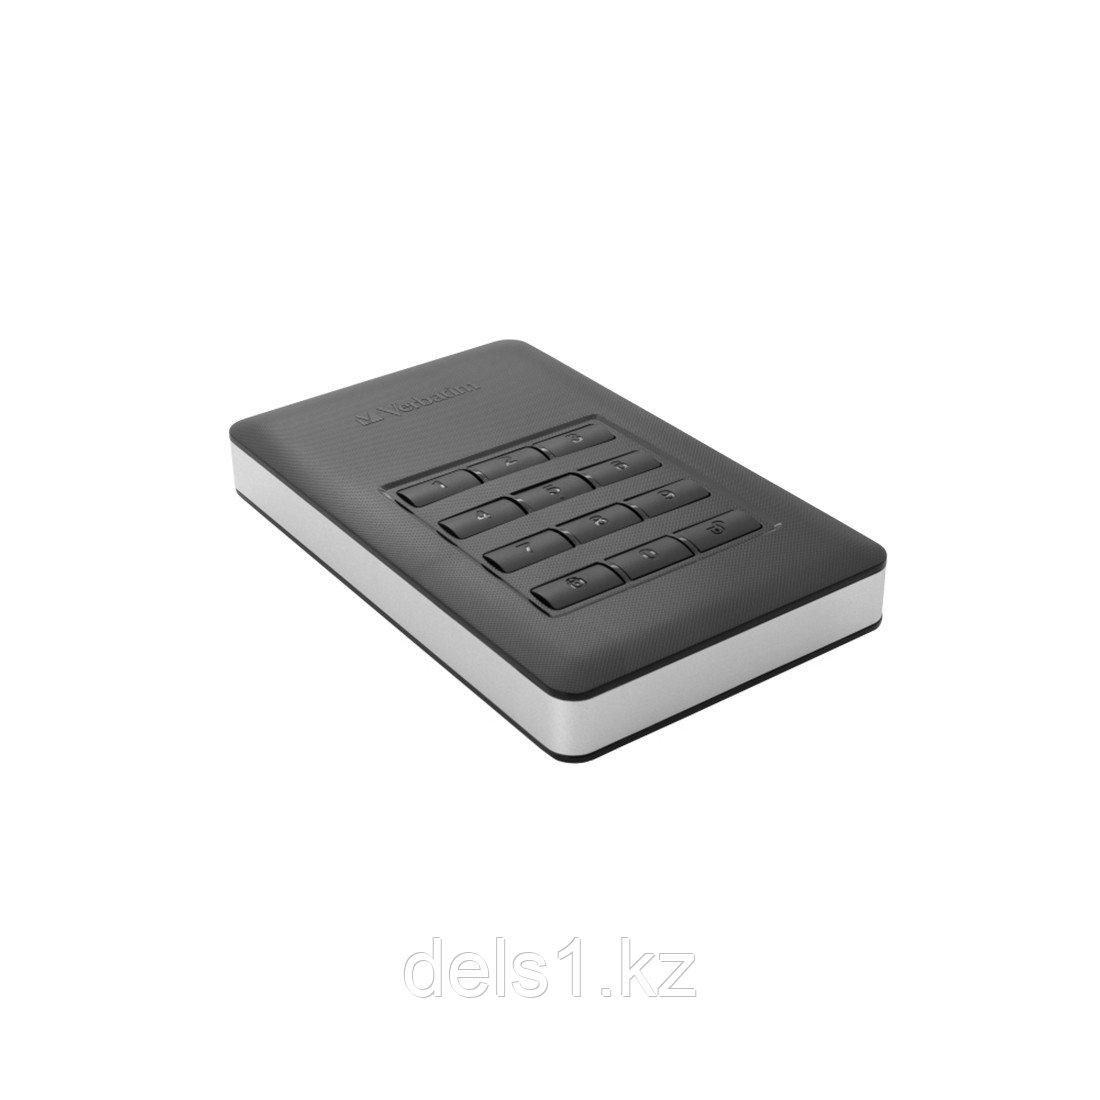 """Внешний жёсткий диск, Verbatim, 53403, 2TB, 2.5"""", USB 3.1, Чёрный"""